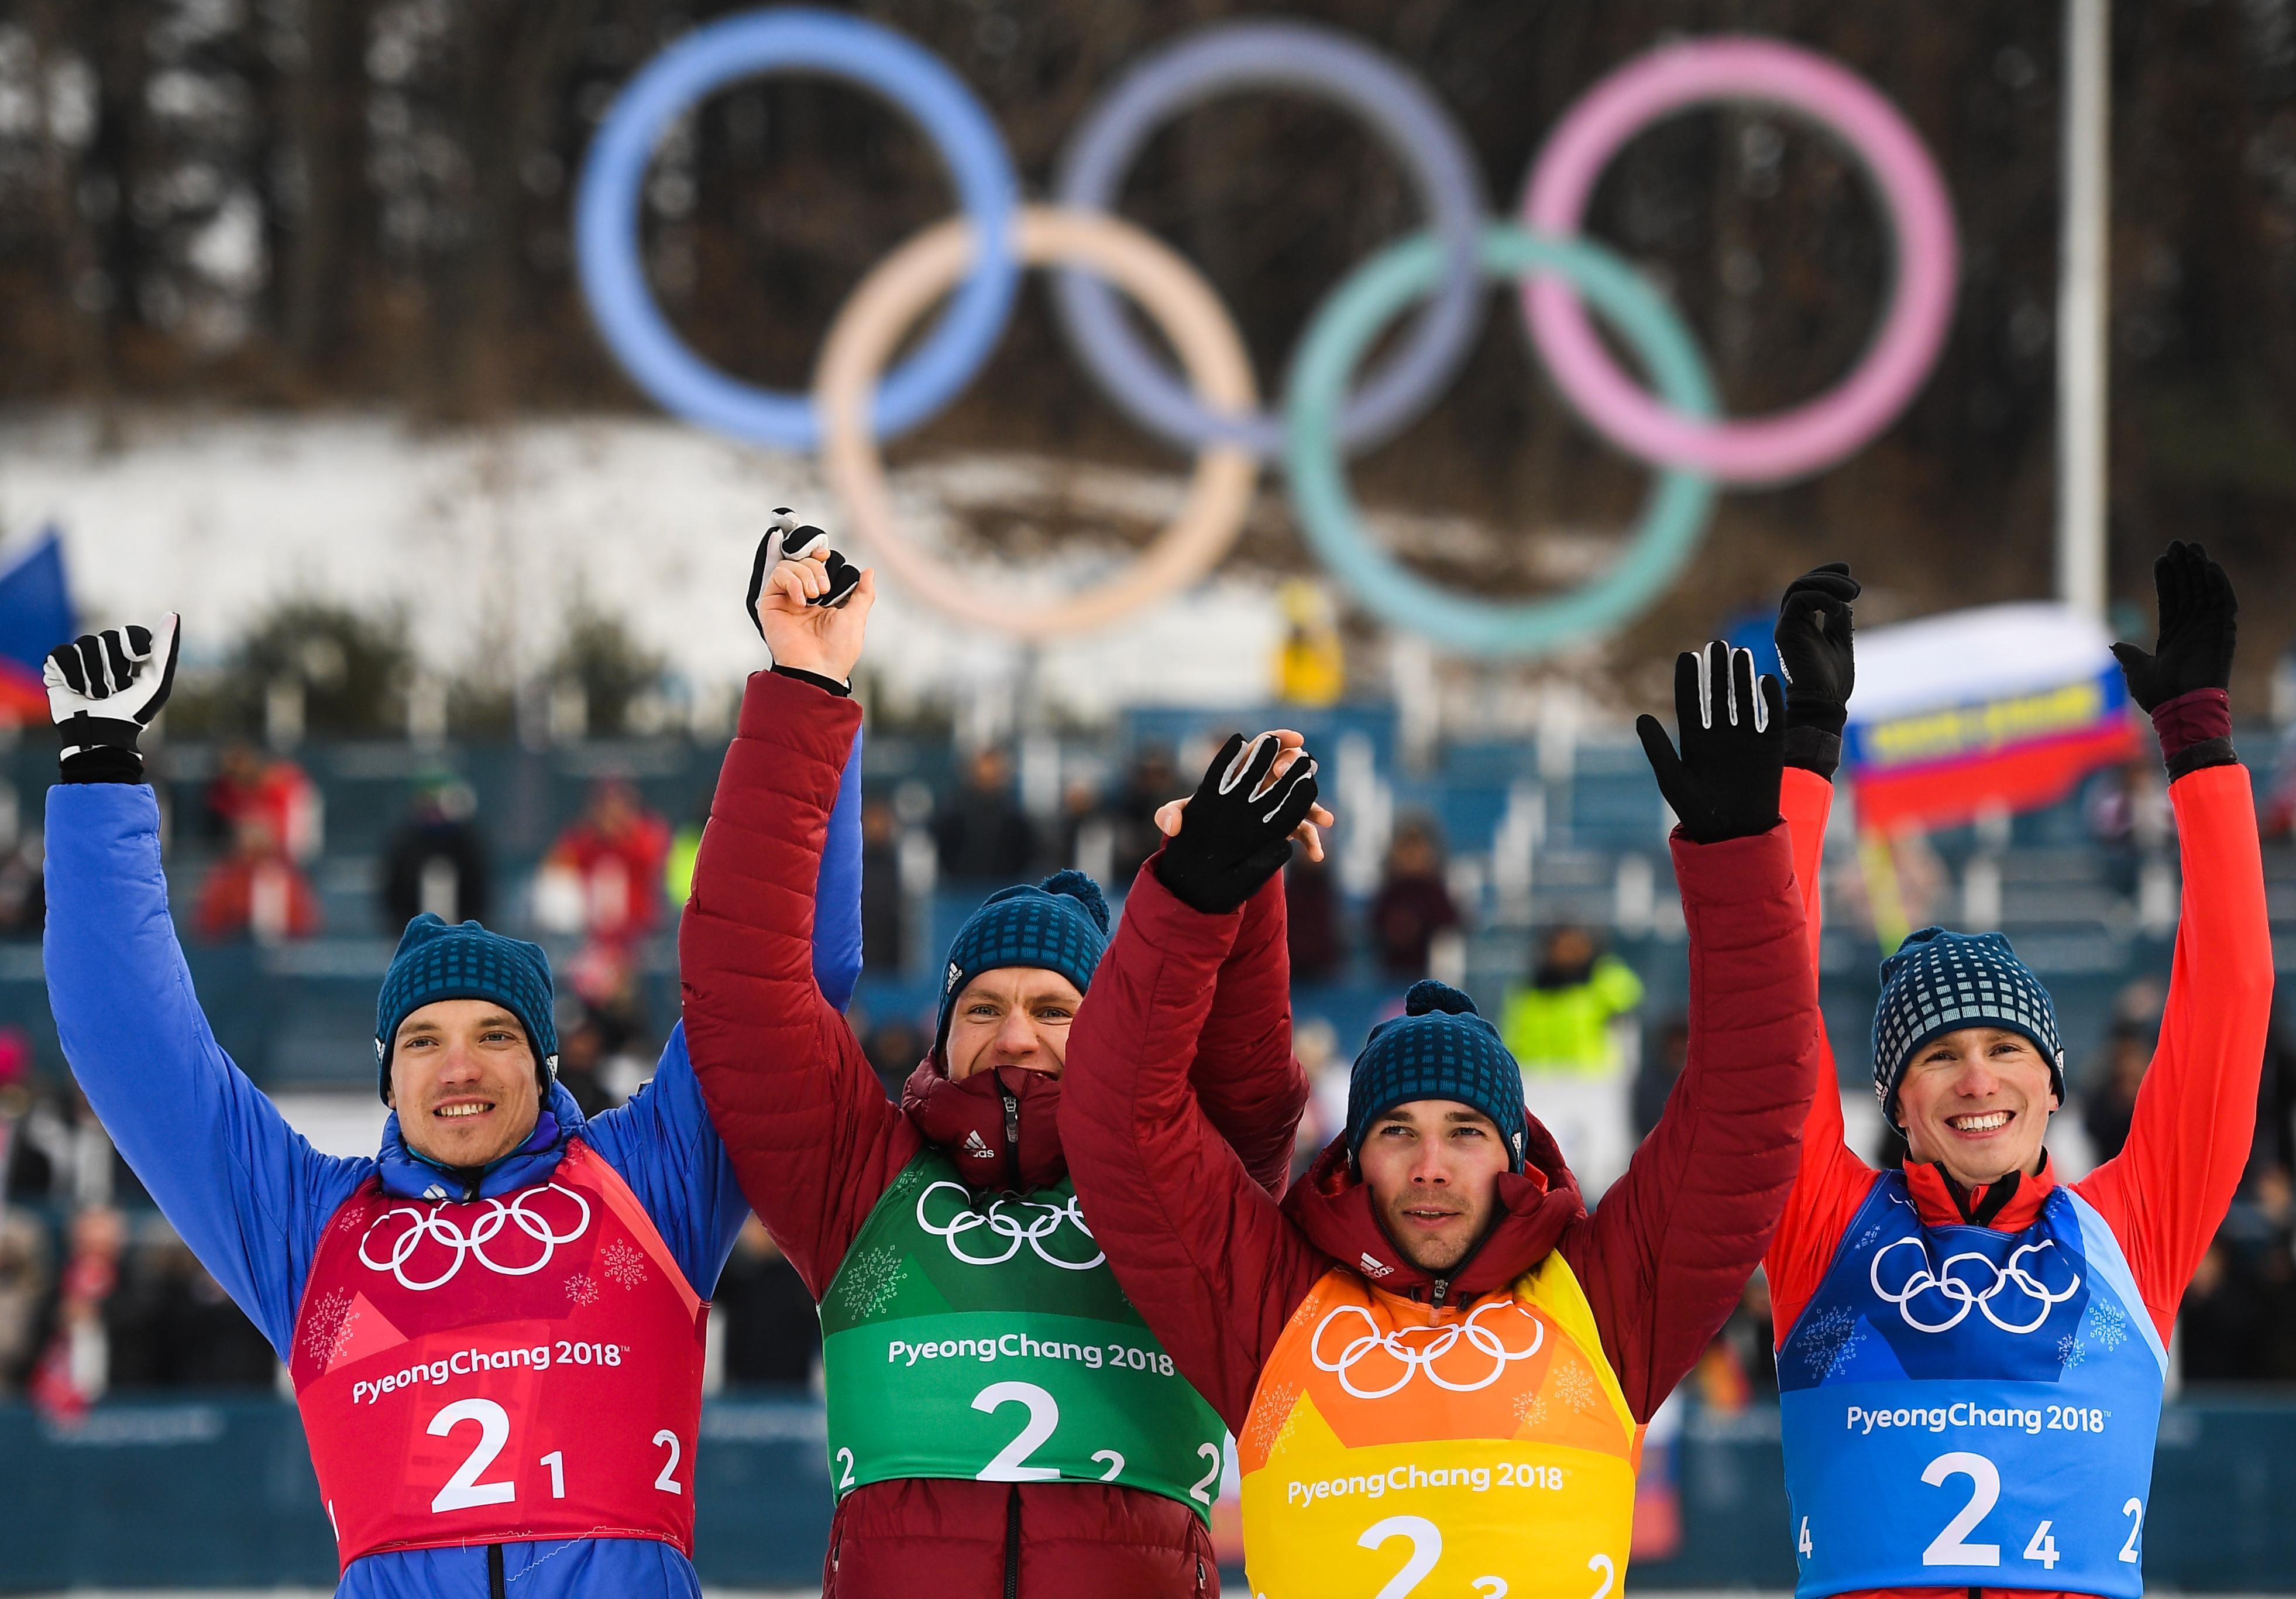 Очень ярко выступили на Играх в Корее и российские лыжники. Они принесли нашей команде восемь медалей из 17 — три серебра и пять бронз. Это было просто блестяще, за что хочется сказать спасибо нашим лыжникам. Фото: © РИА Новости/Владимир Астапкович